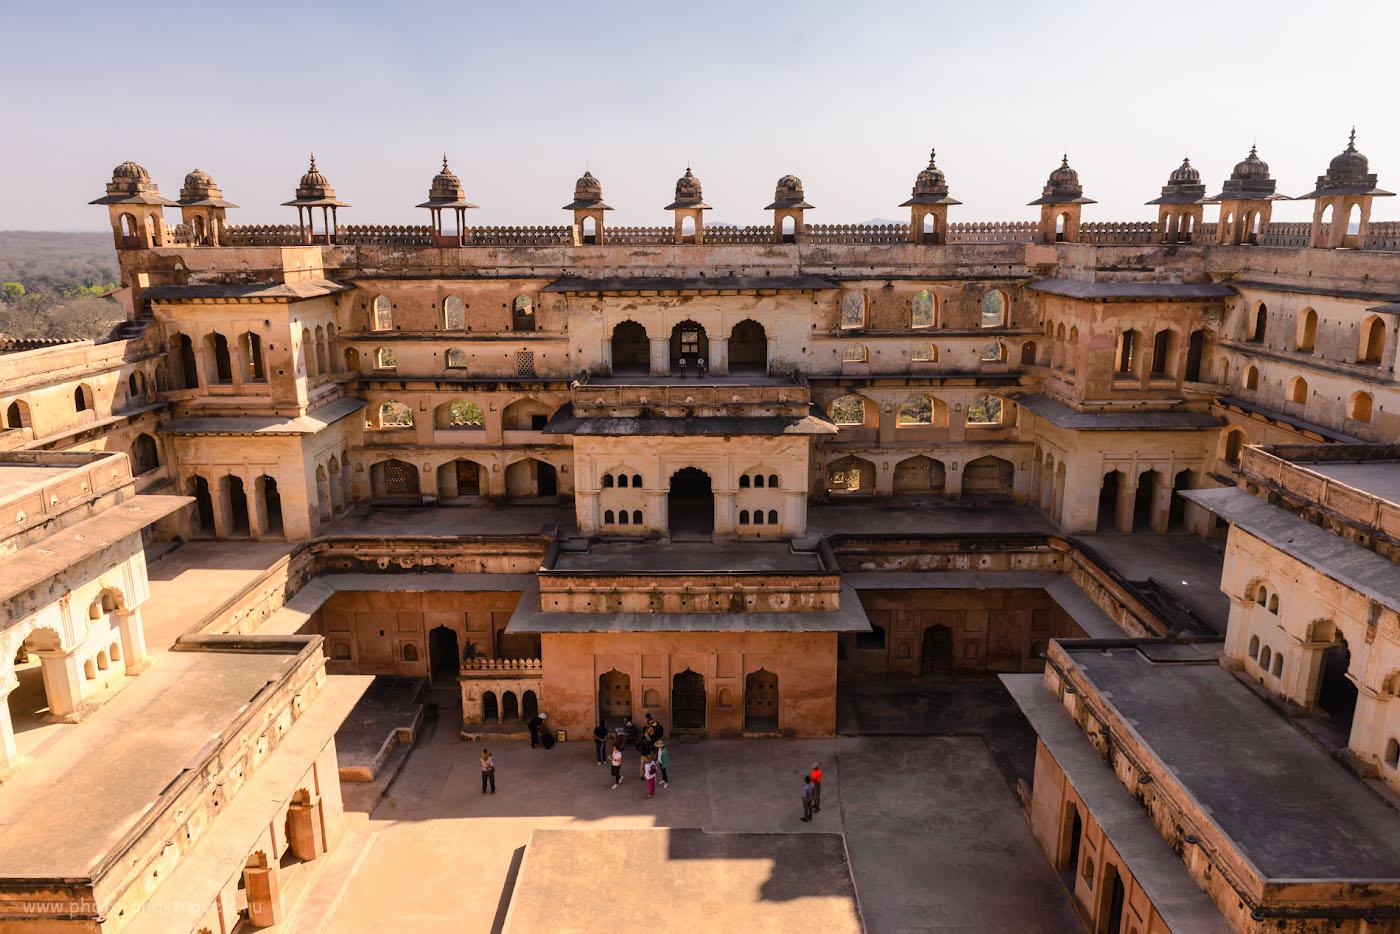 Фотография 21. Туристы во дворе дворца Радж-Махал в Орчхе. Отчет о поездке в Индию самостоятельно.